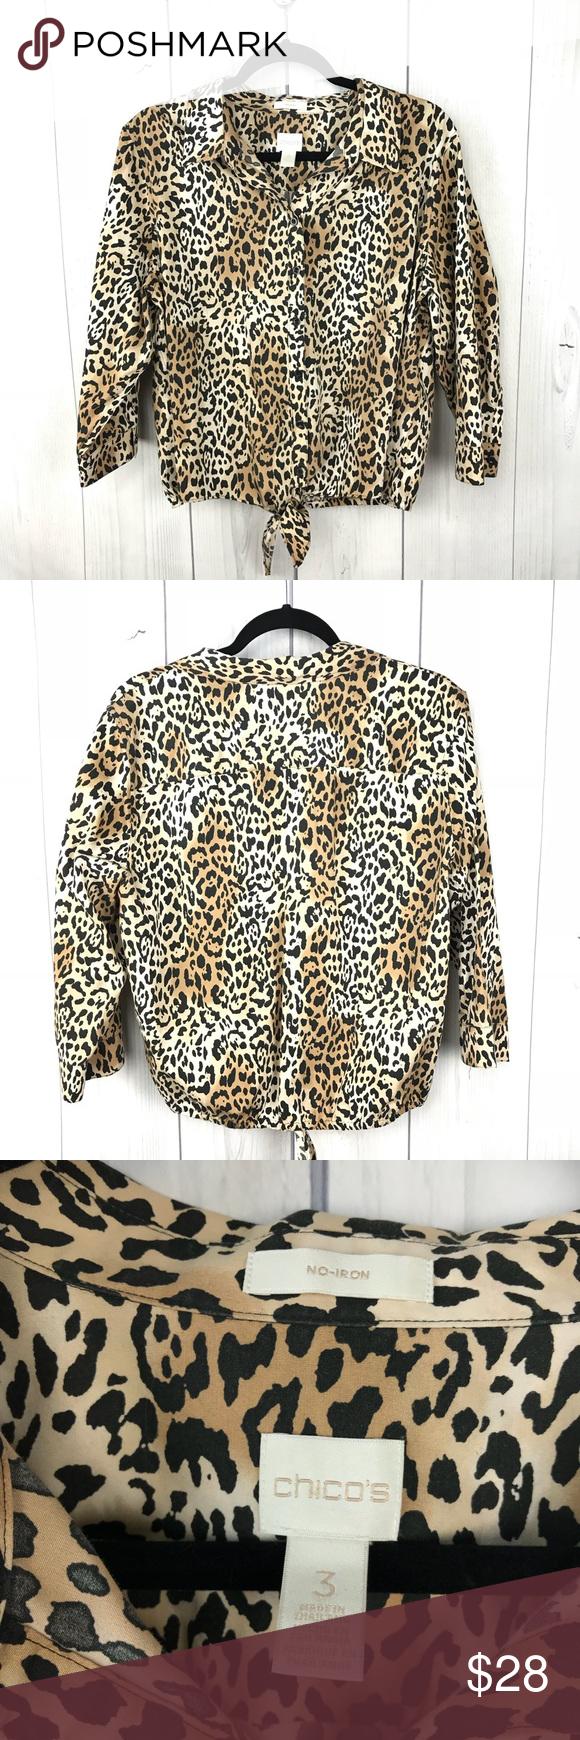 9c2e0d4f6e370f Chico s Leopard Print 3 4 Sleeve Tie Front Top XL Chico s leopard print 3